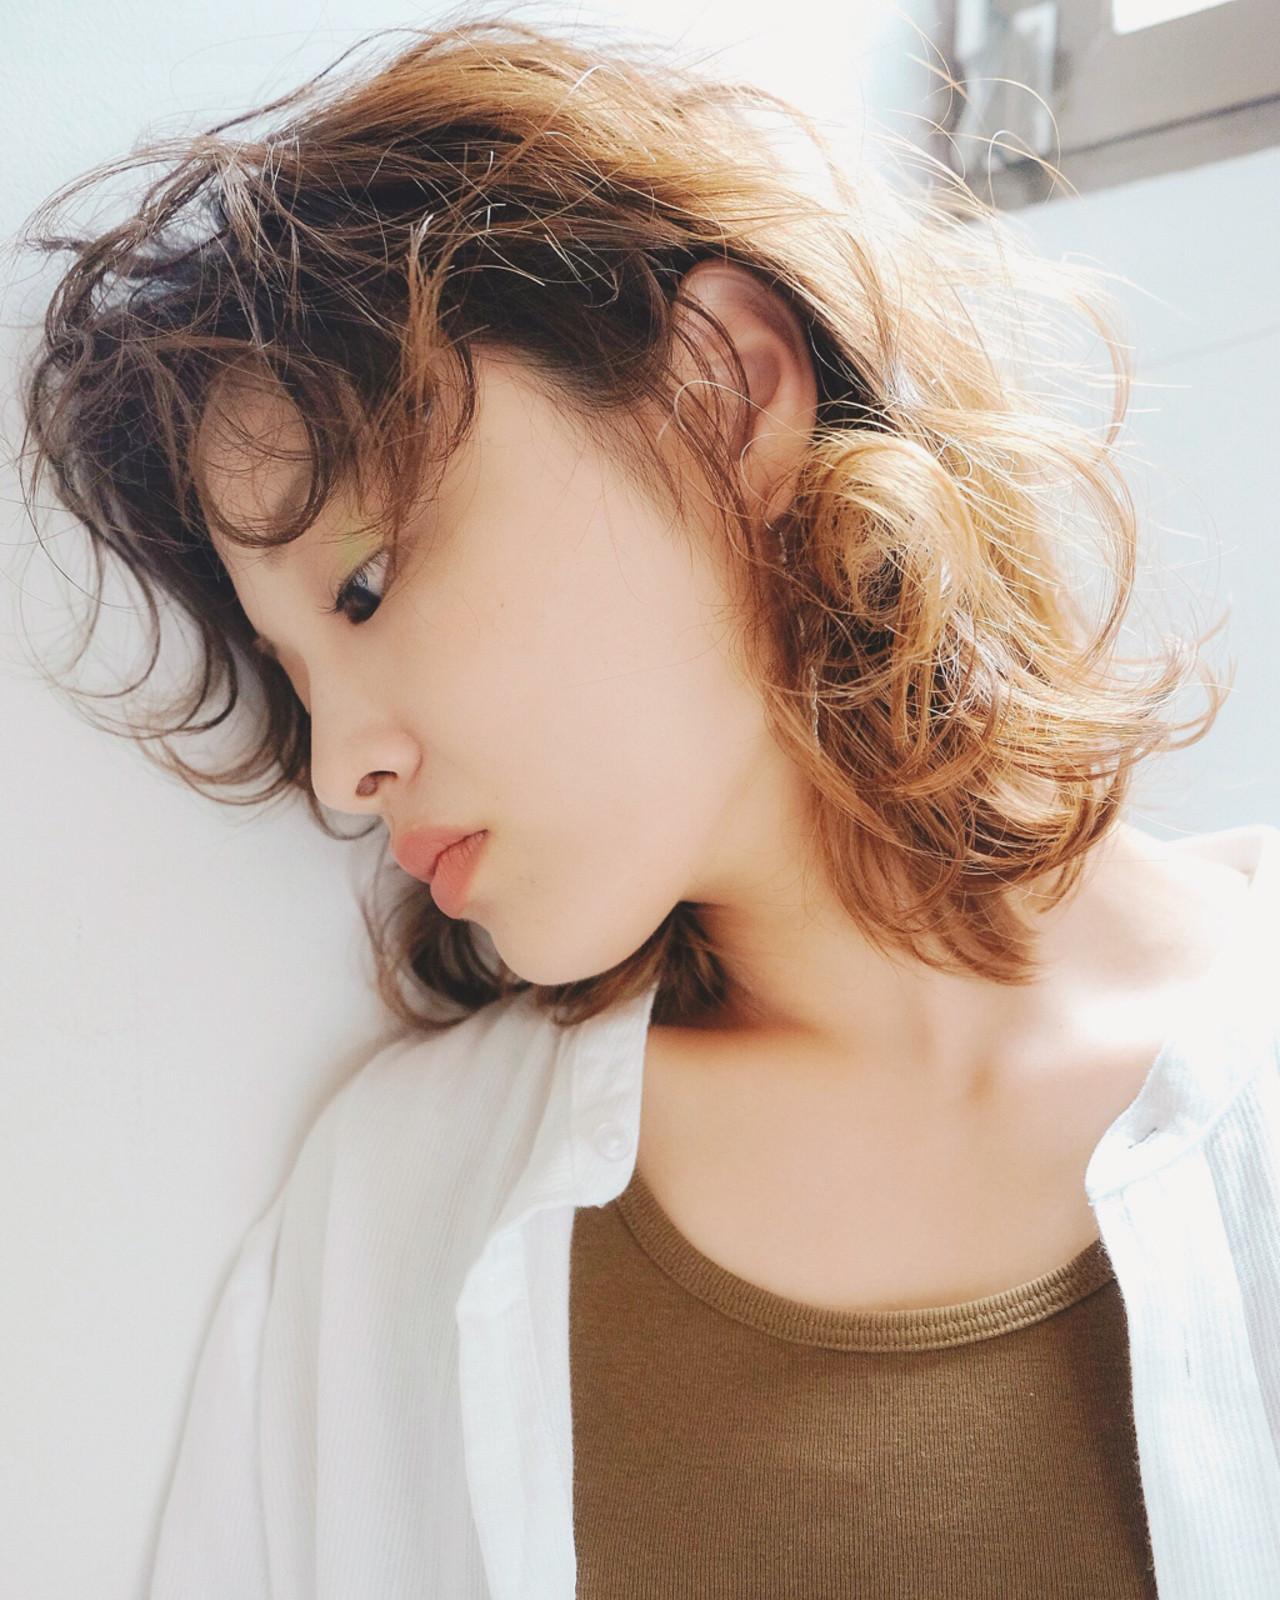 明るめなミディアムヘアならこなれ感UP! 柴田泰志 | magnethairTrust